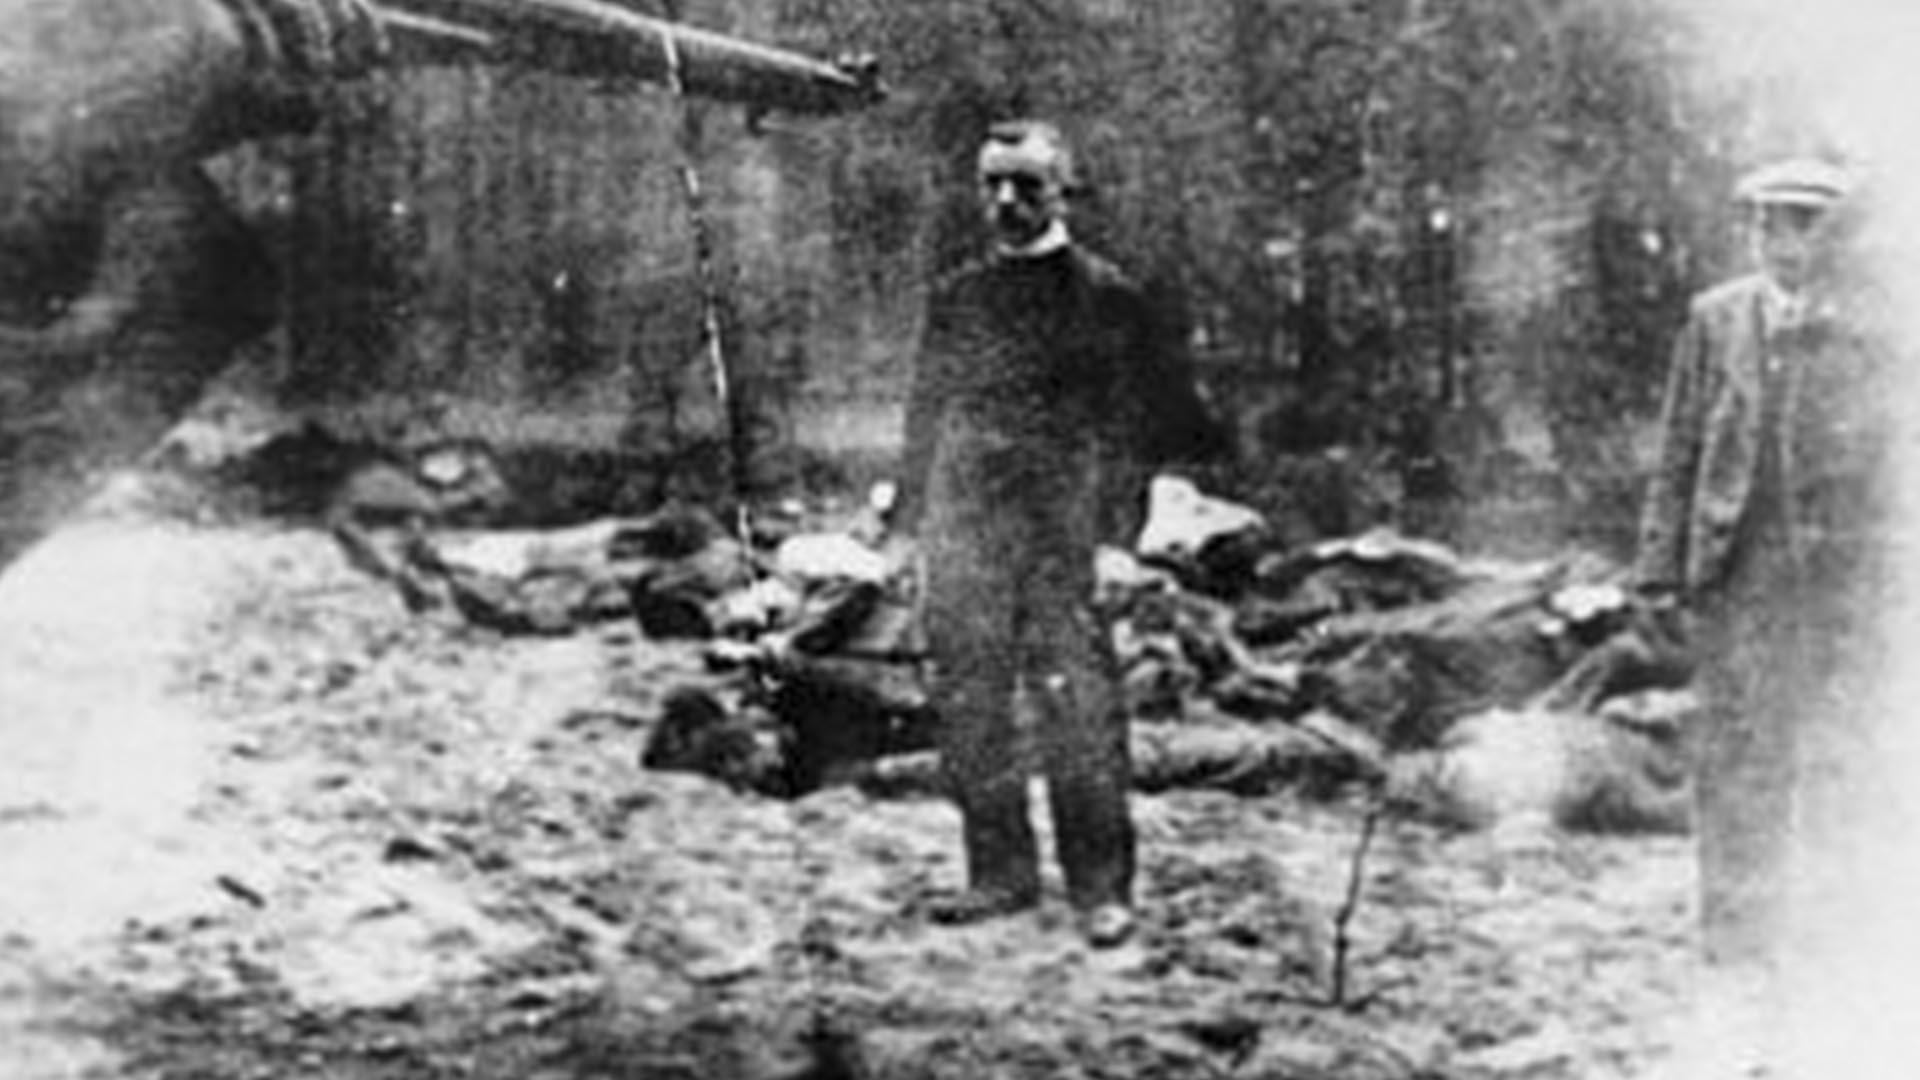 Una de las víctimas frente al pelotón de fusilamiento (Foto: Archivo Walter Von Reichenau)